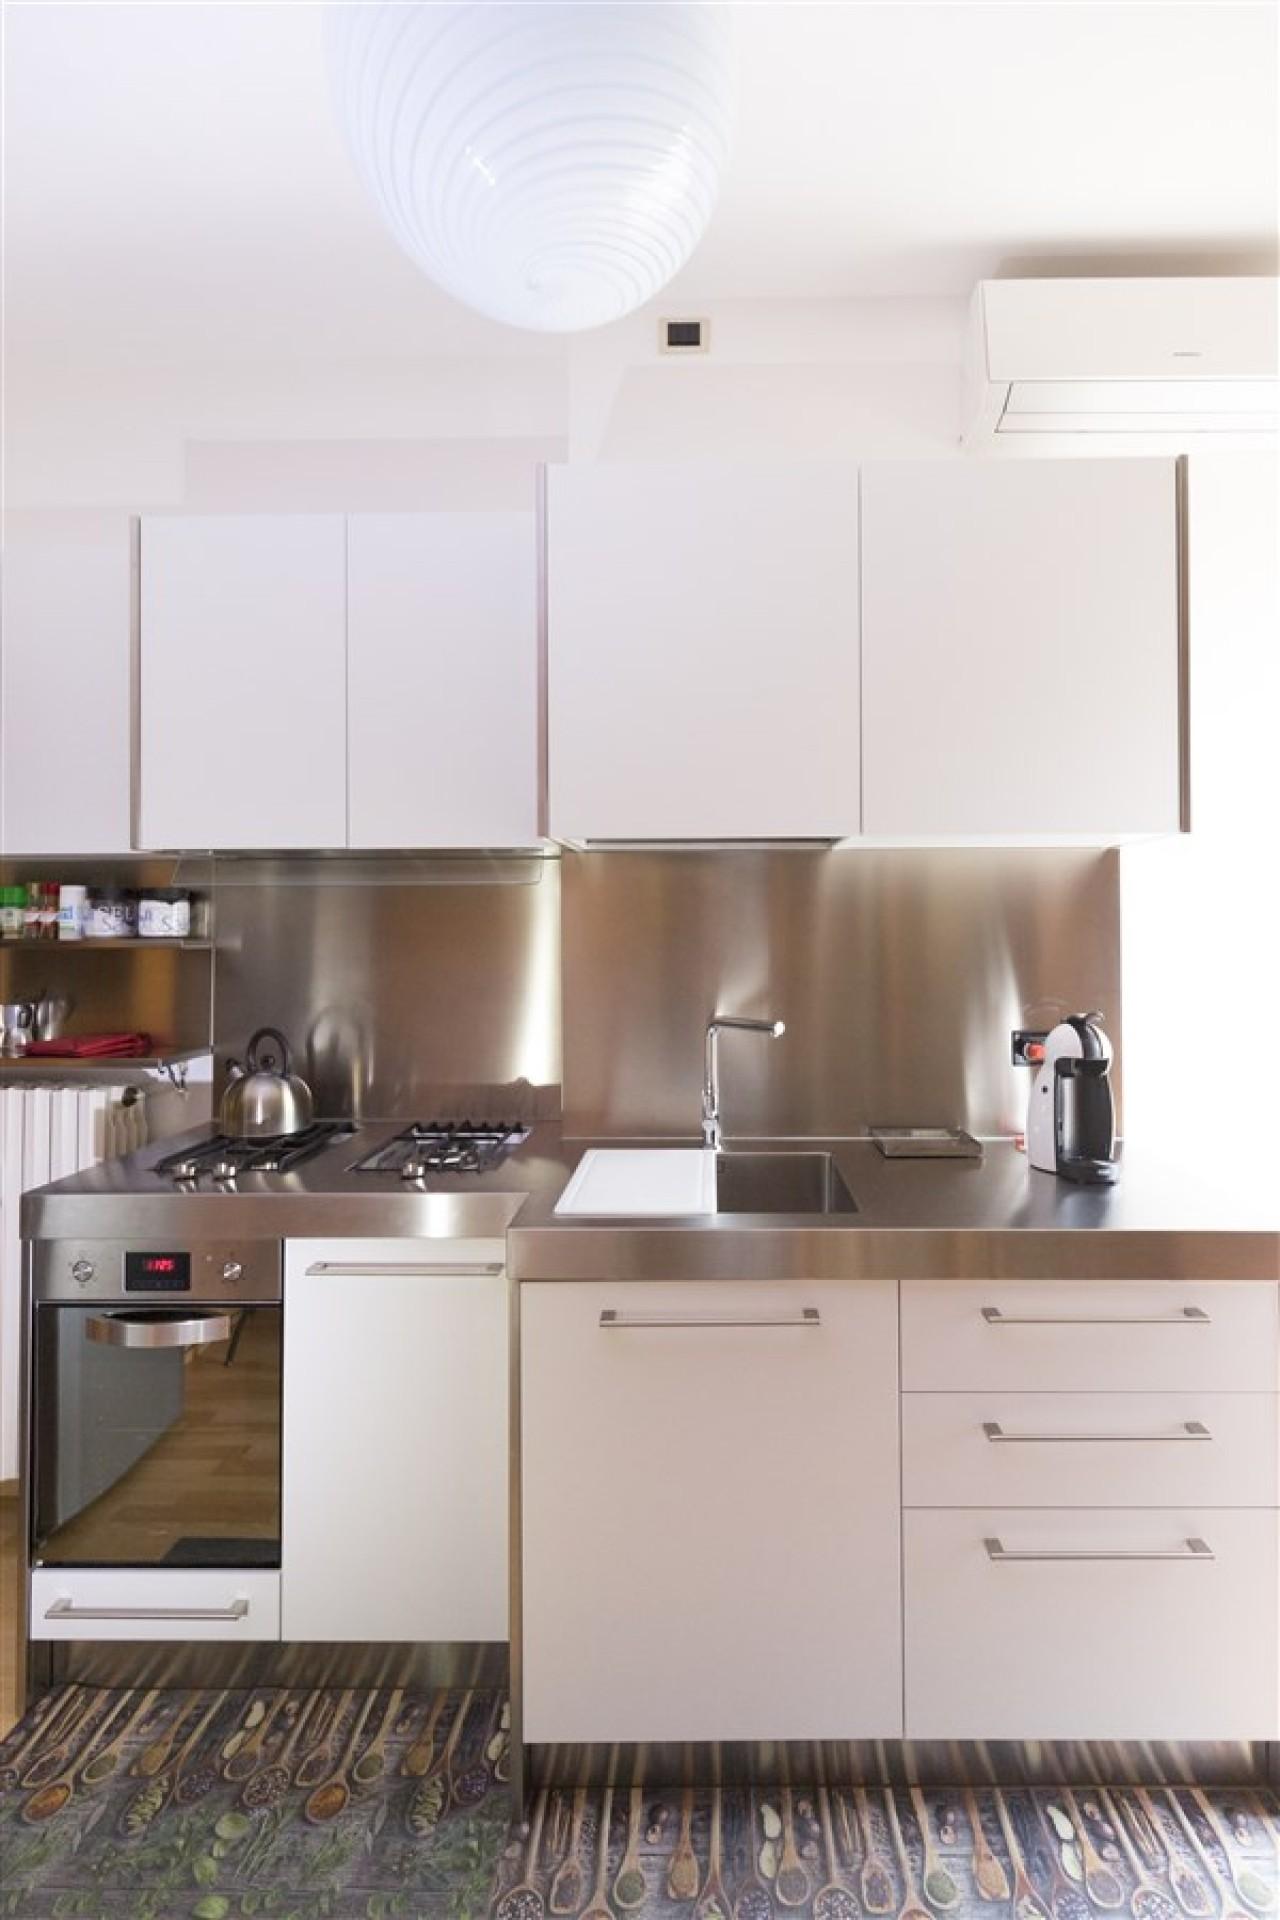 Cucina acciaio inox top sagomato | Progetti Borlina Acciaio